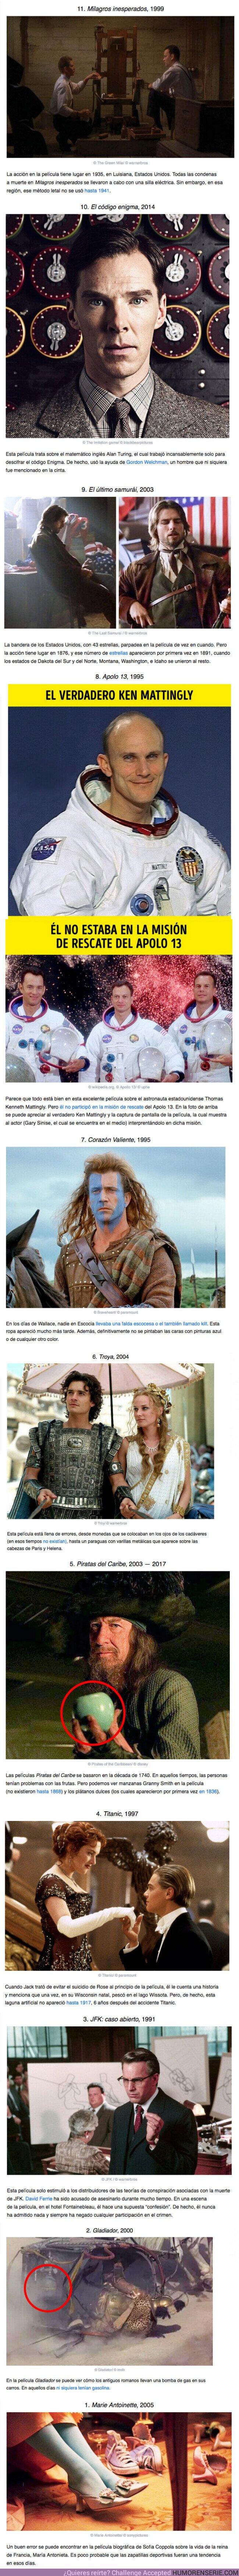 61260 - GALERÍA: Errores ridículos de las películas históricas que casi nadie notó, ¡ni siquiera los fanáticos más atentos!